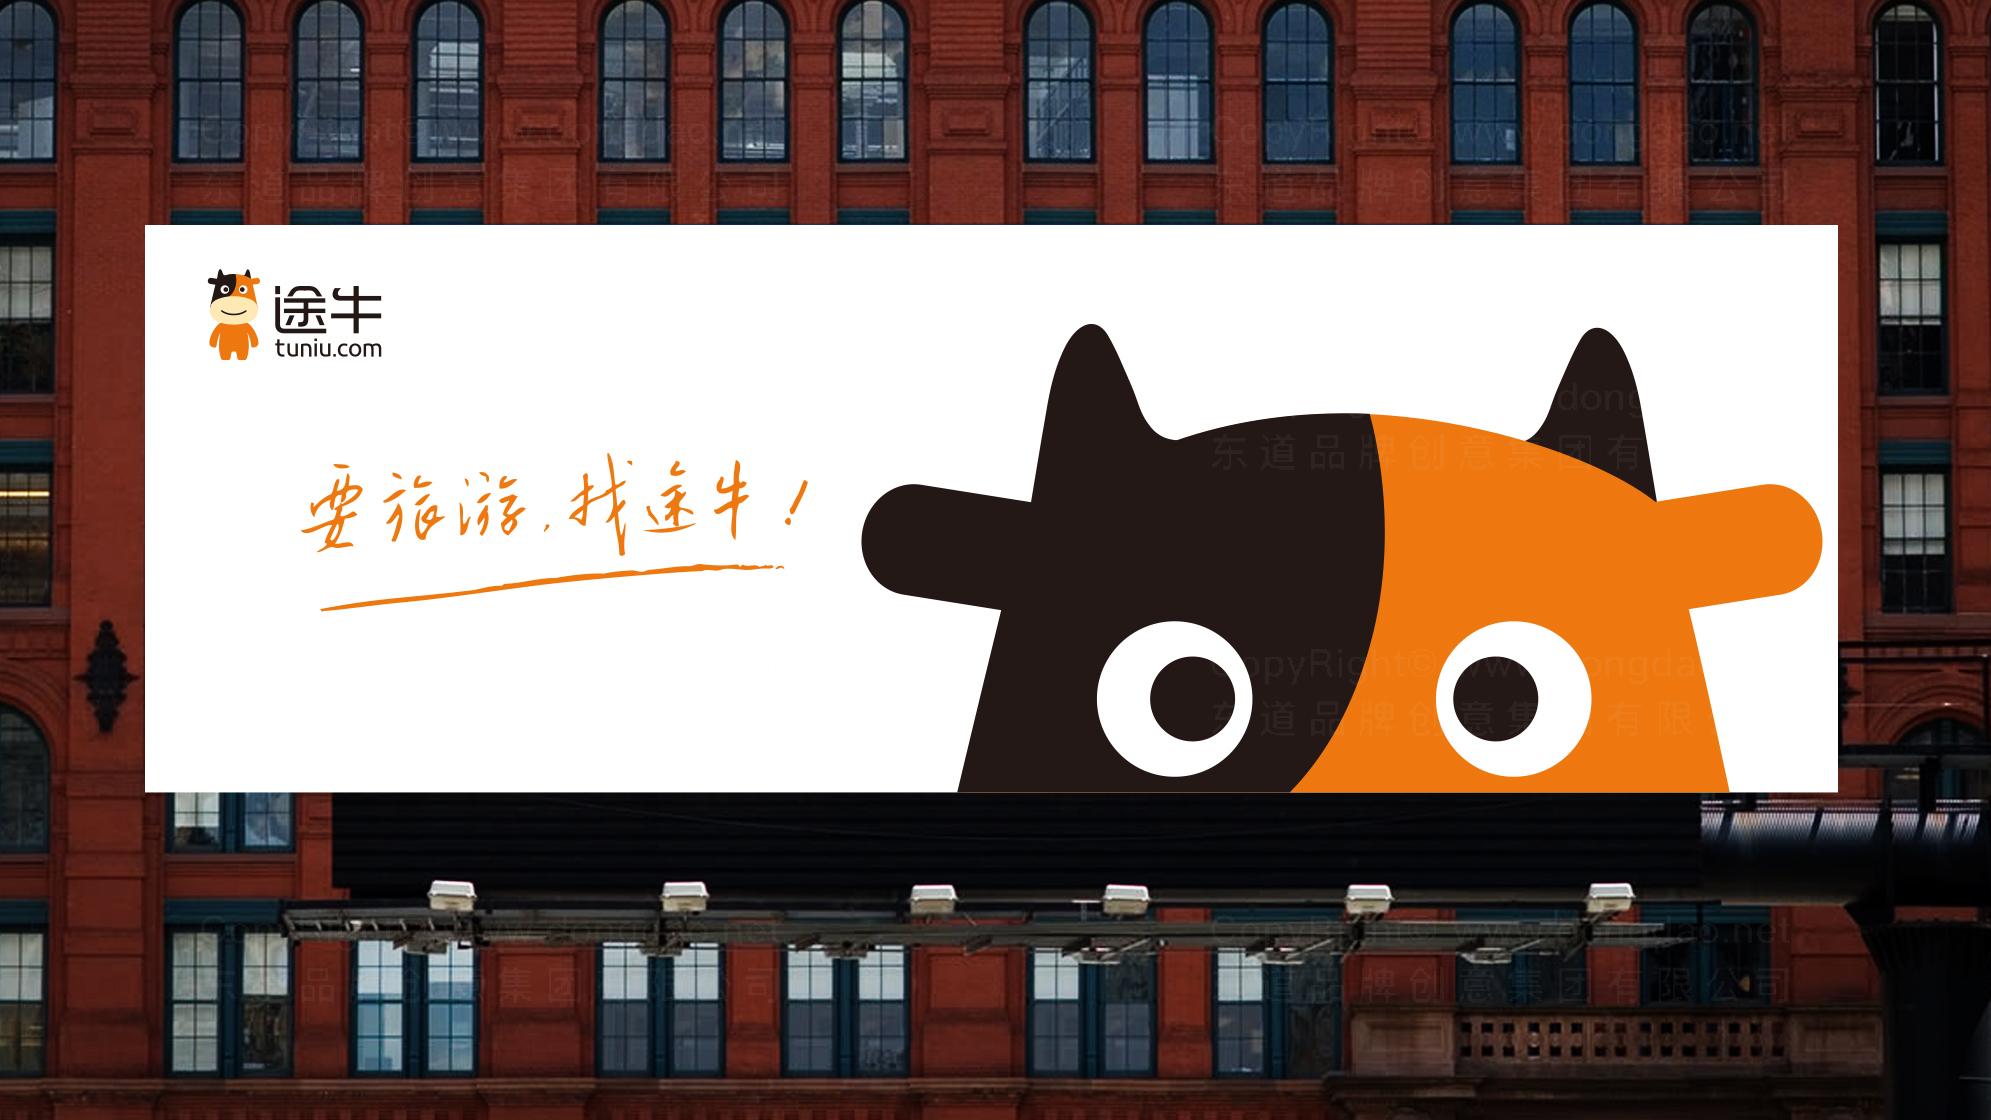 品牌设计途牛旅游网LOGO&VI设计应用场景_8